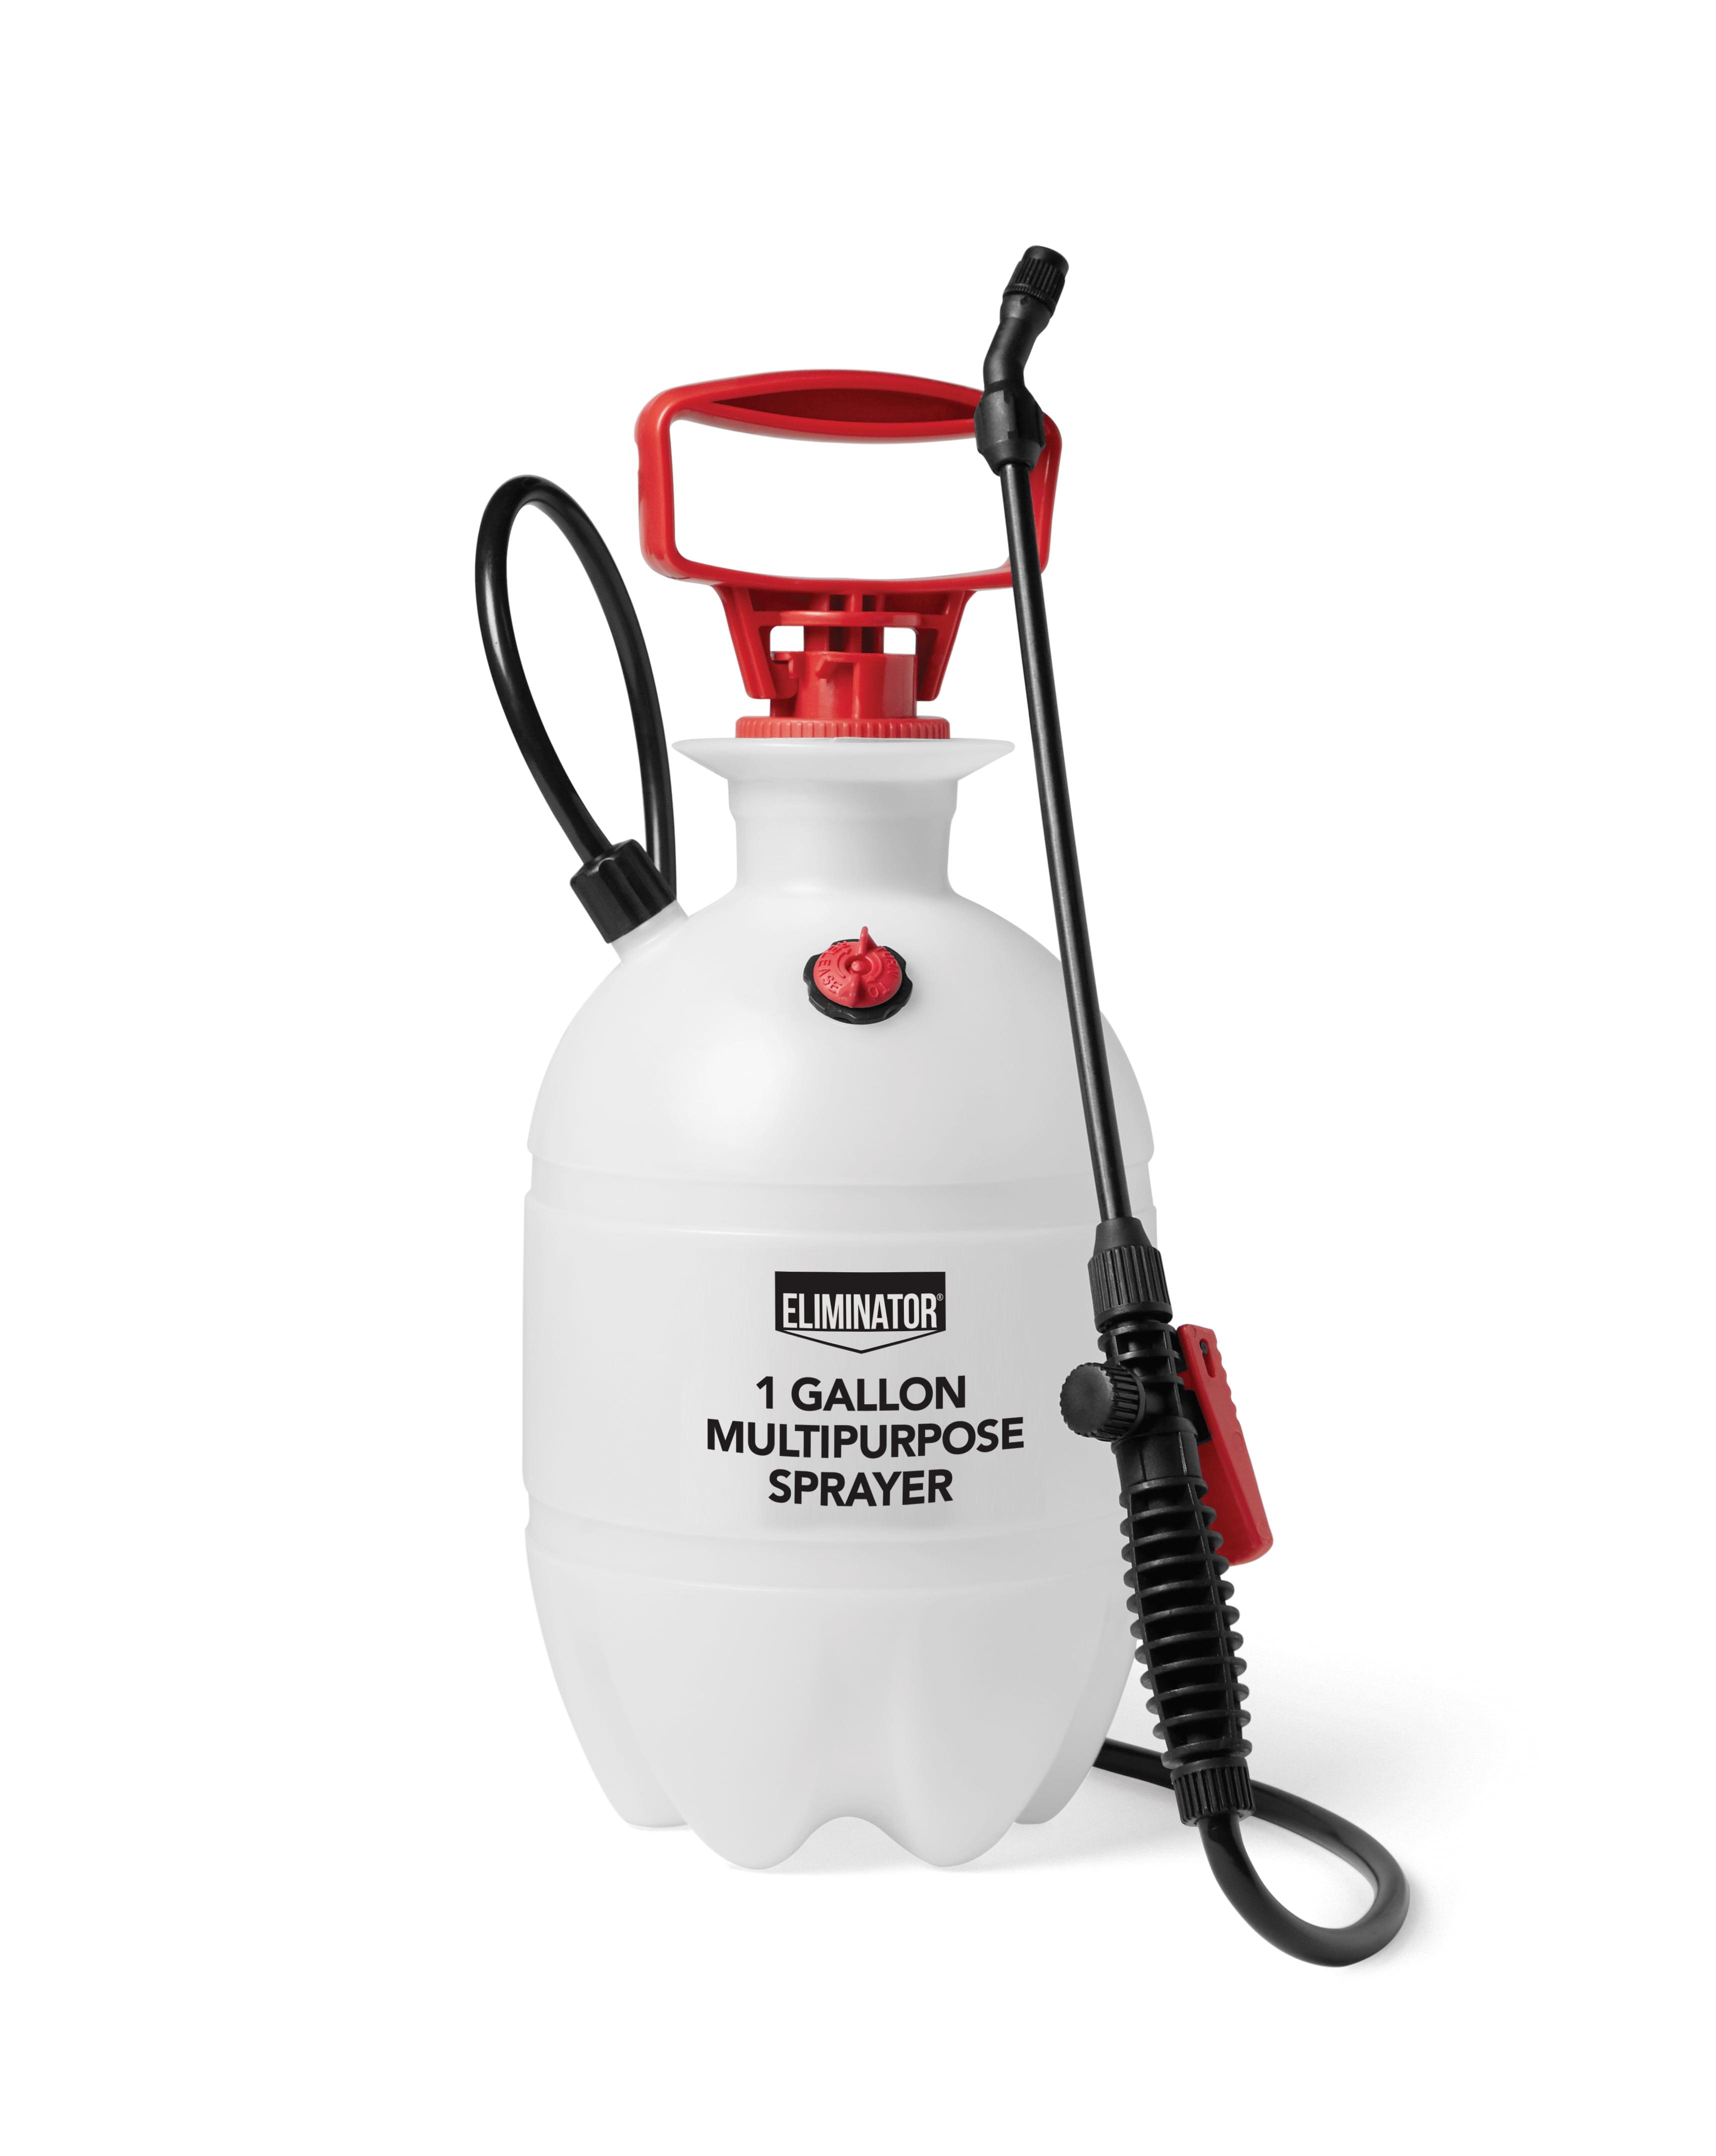 Eliminator 1 Gallon Sprayer